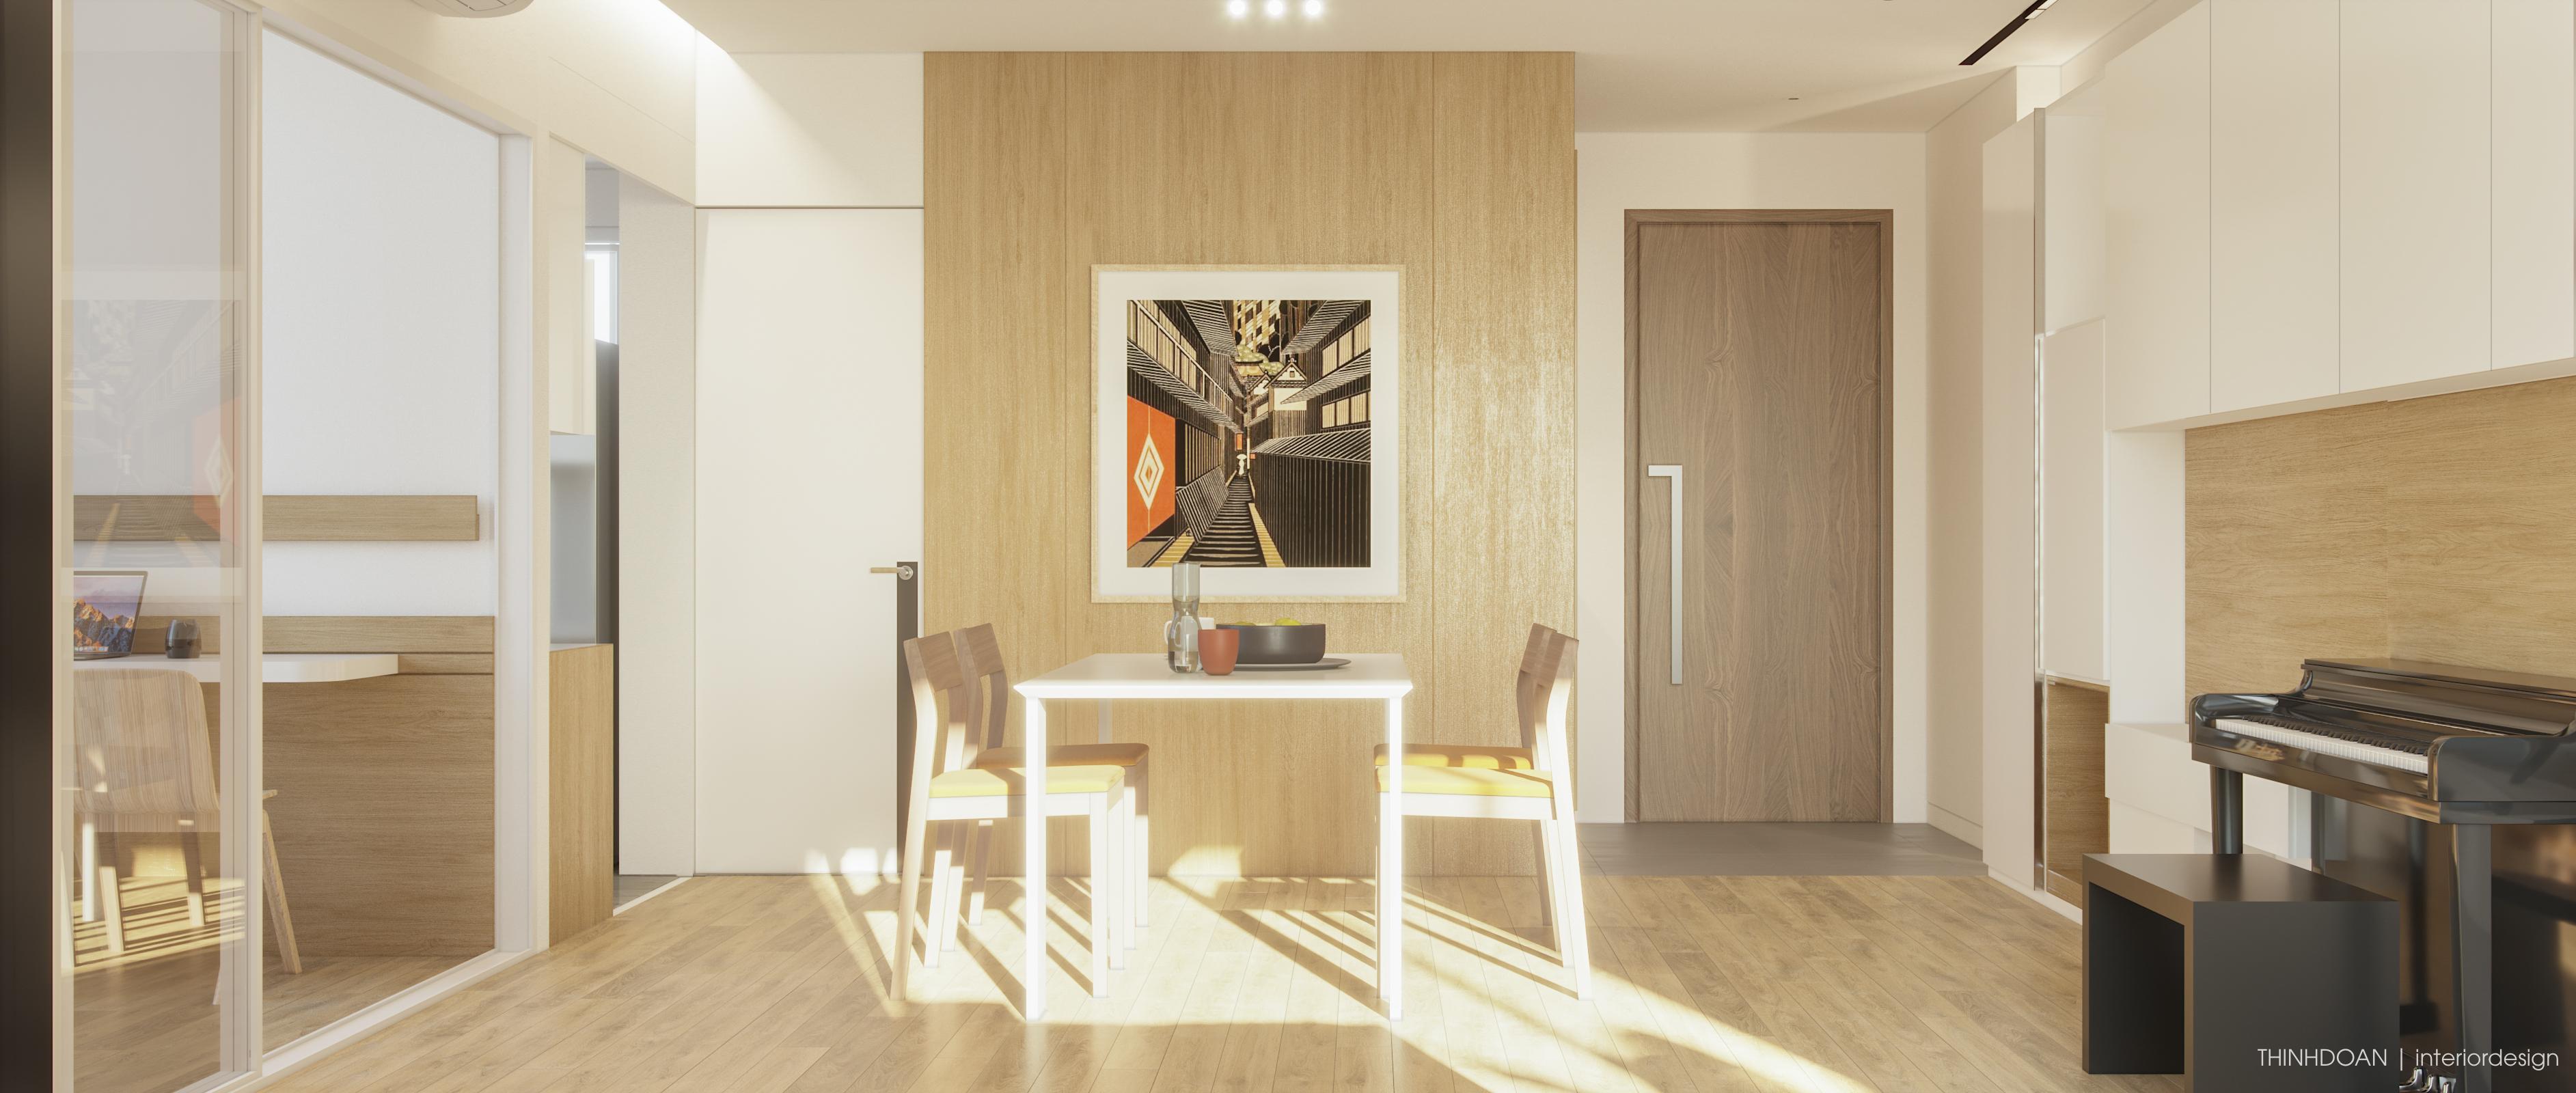 Thiết kế nội thất Chung Cư tại Hồ Chí Minh Scenic Valley 1 1577439555 1